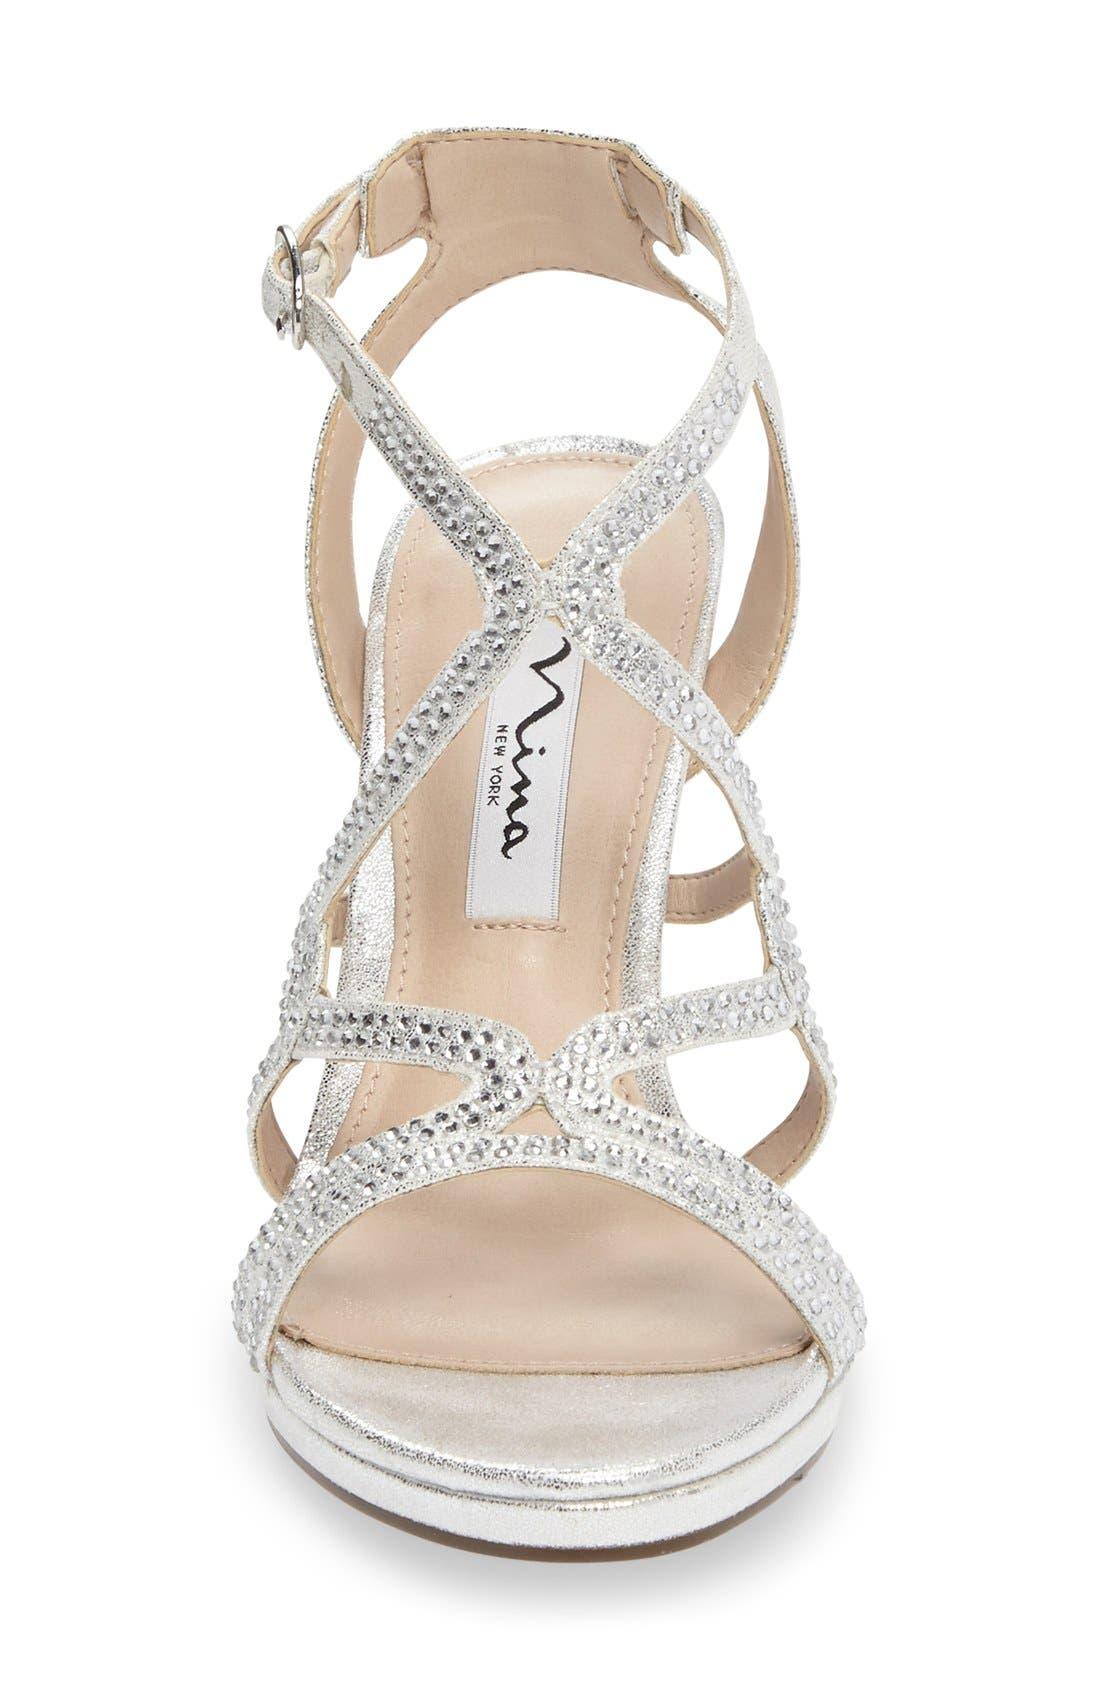 Varsha Crystal Embellished Evening Sandal,                             Alternate thumbnail 6, color,                             SILVER FAUX SUEDE